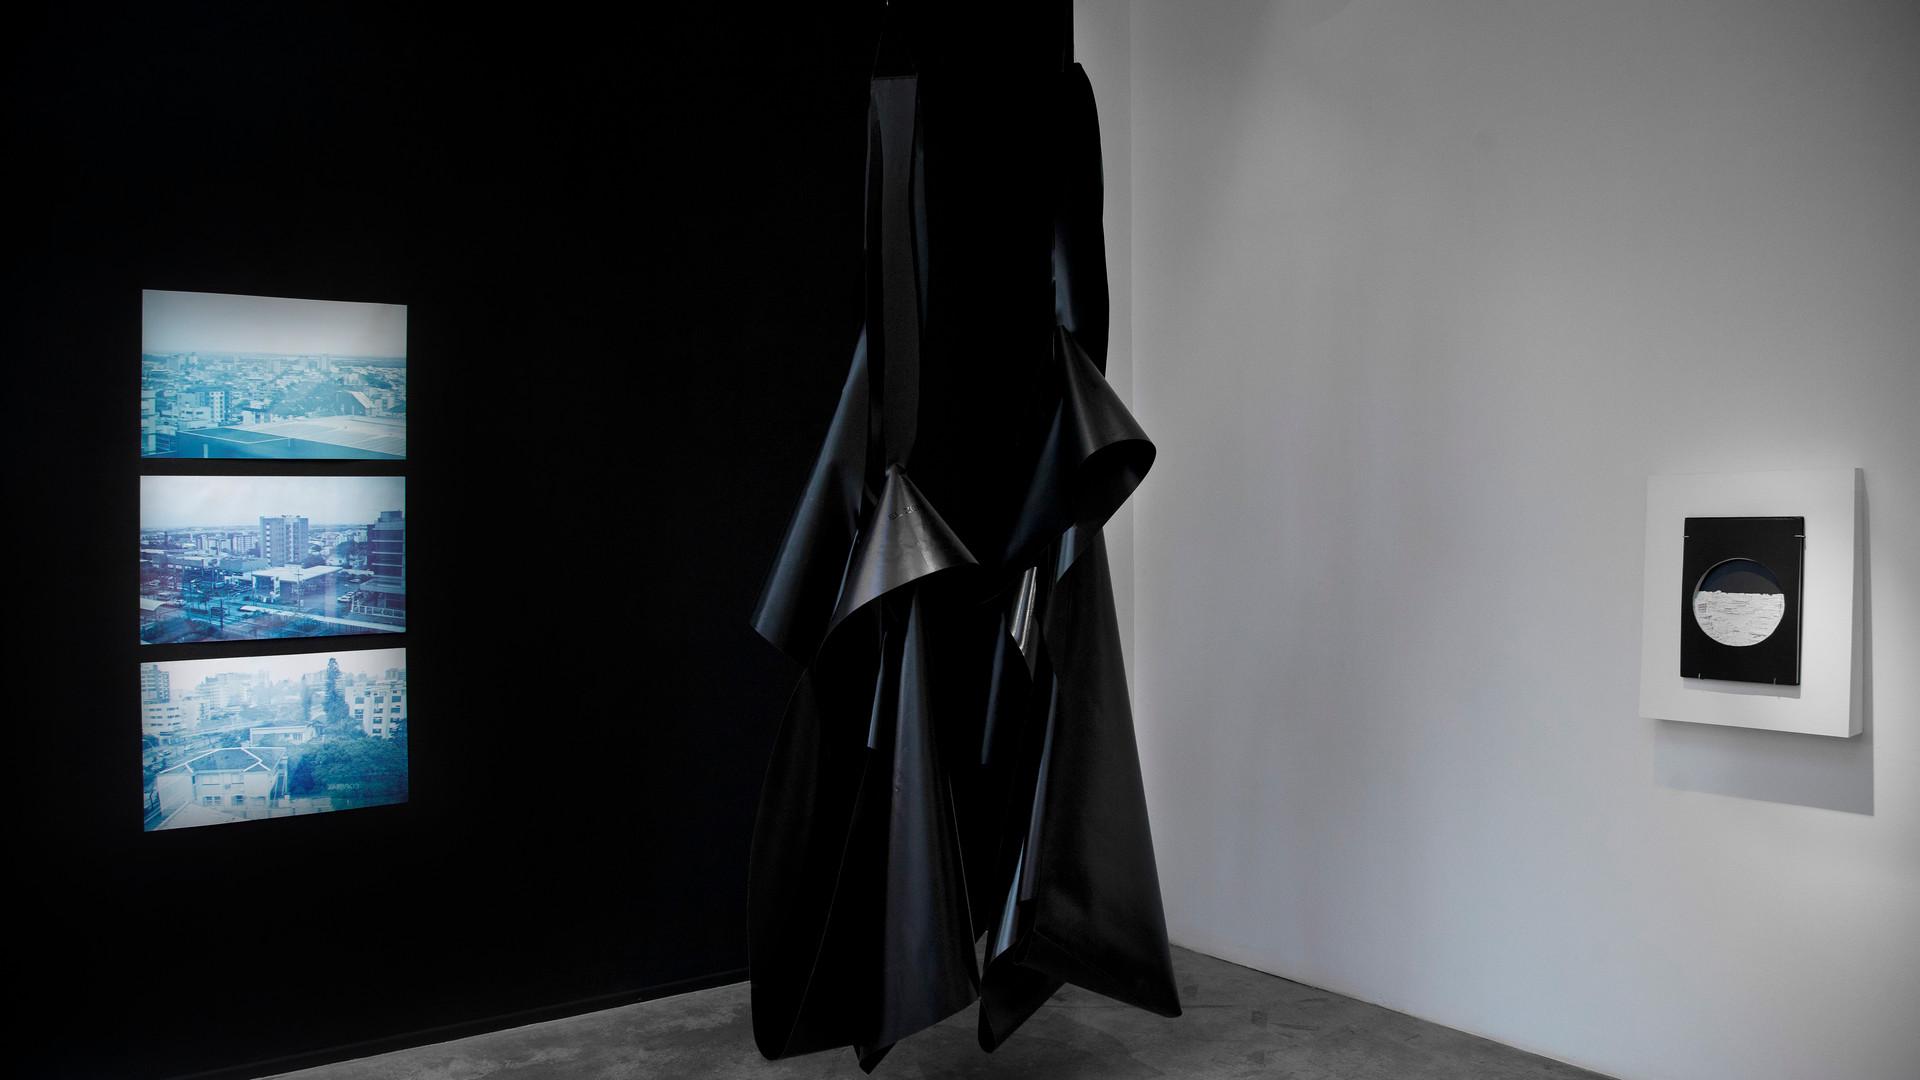 Tristes trópicos Lorena Marchetti - Kirsten Mosel - Sebastián Camacho 2017, imagen de sala